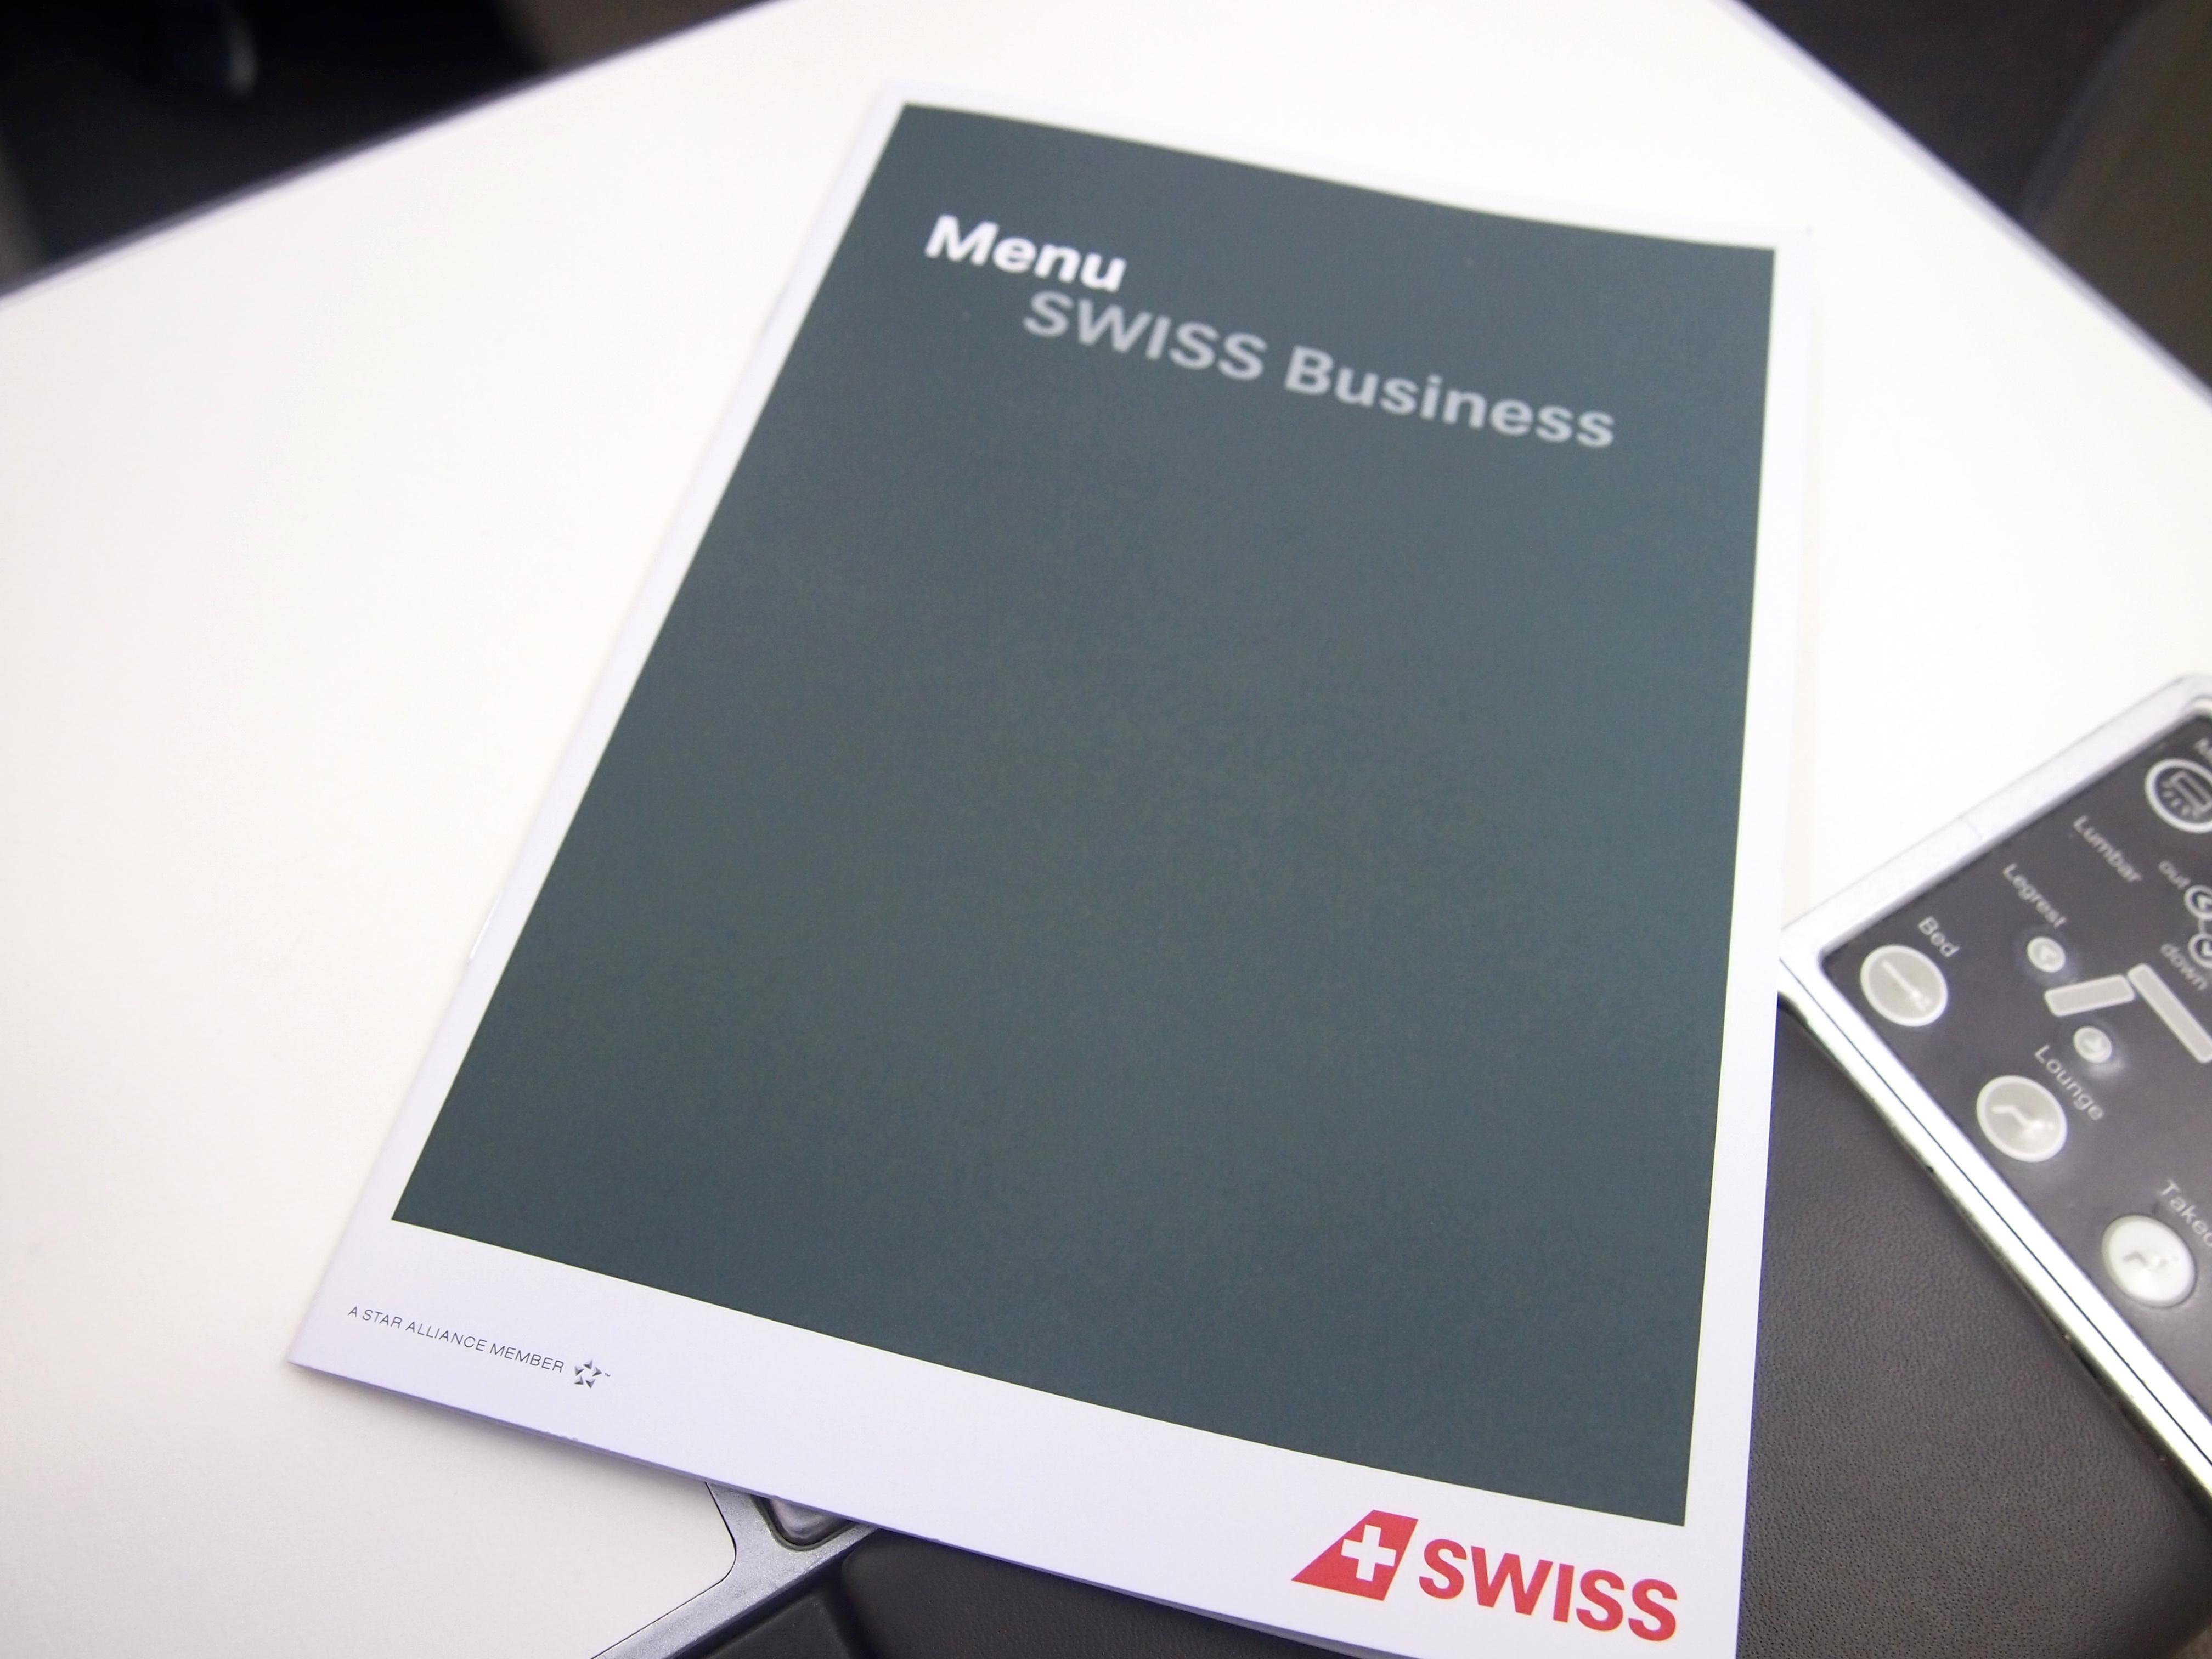 スイス航空-ビジネスクラス-機内食-メニュー